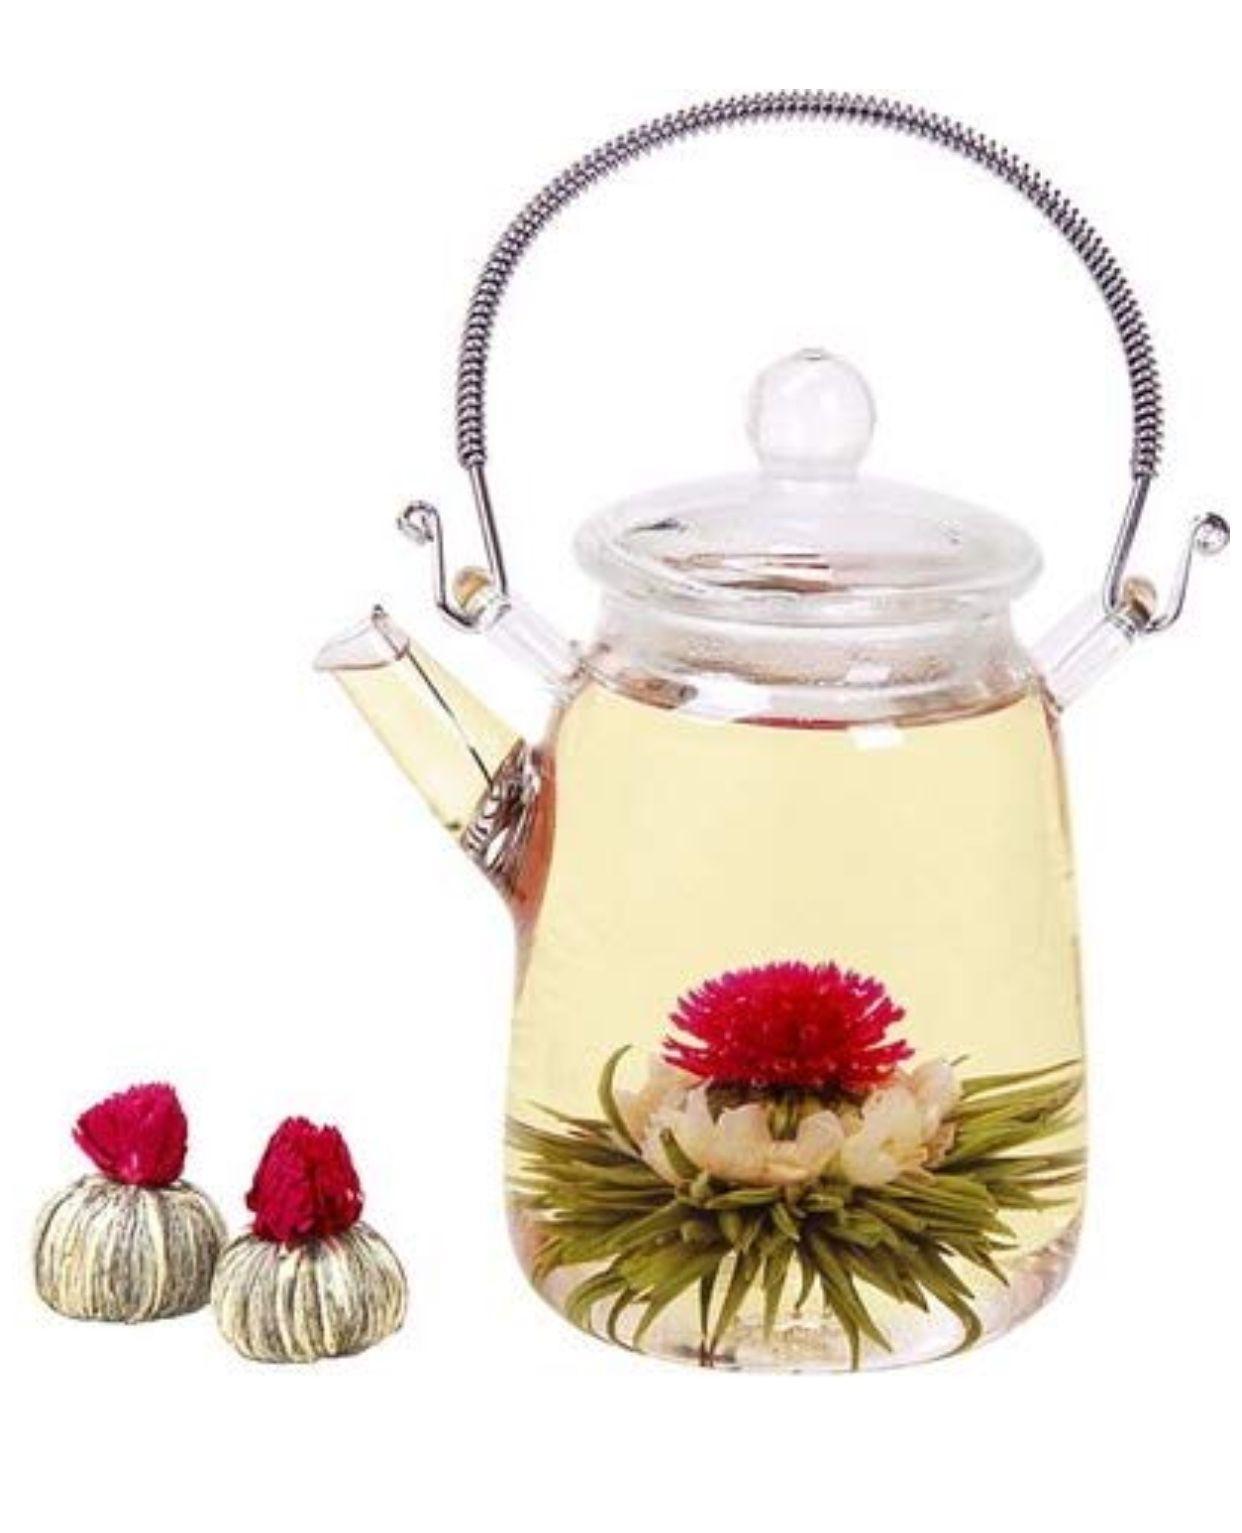 Blooming tea pods blooming tea flower tea blooming